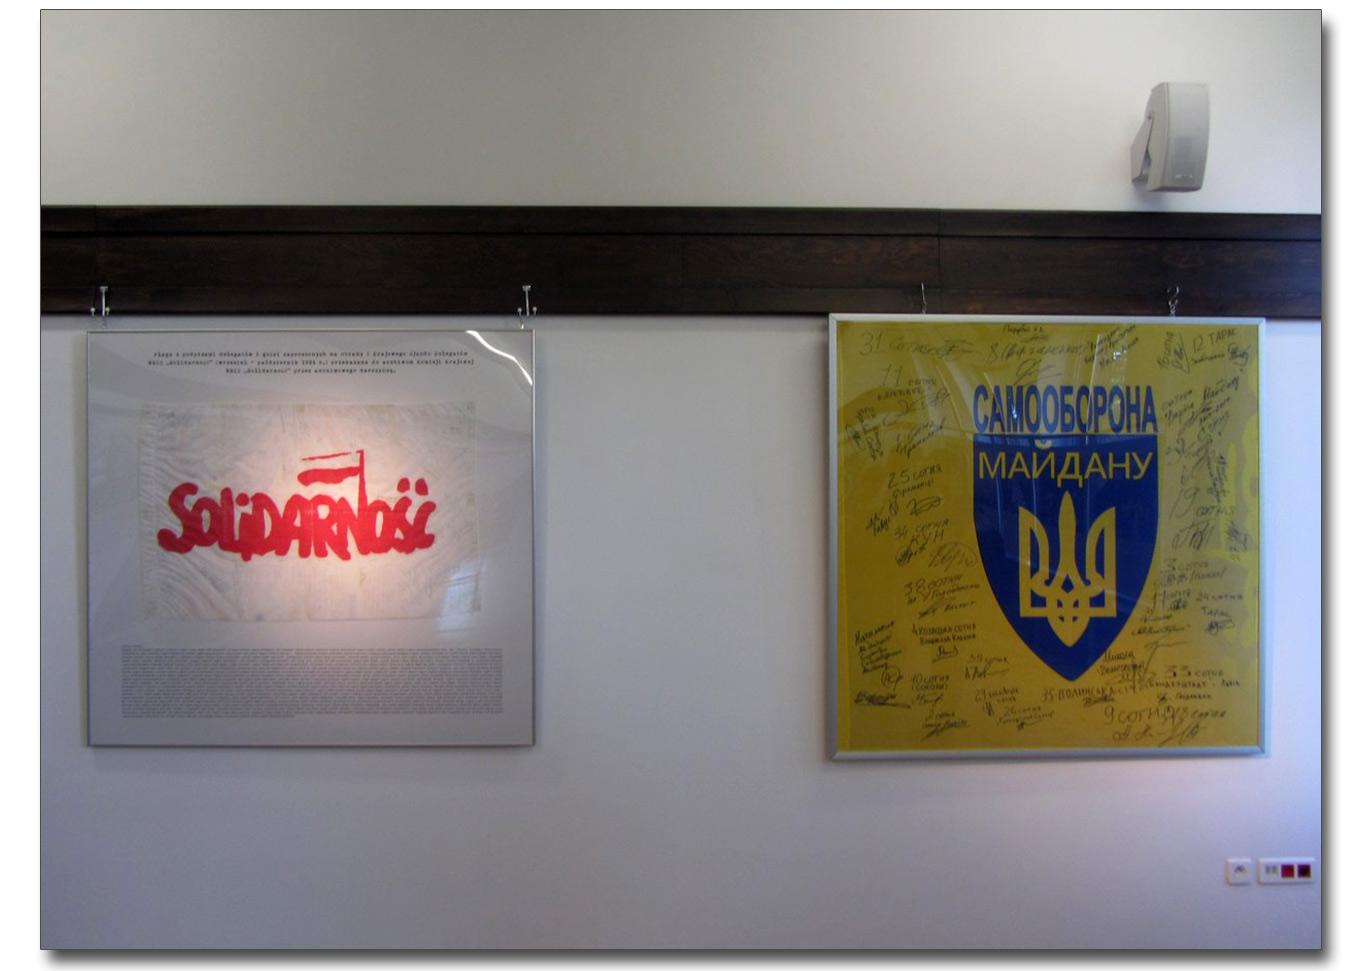 Flaga Solidarności i Samoobrony w Muzeum Stoczni Gdańskiej